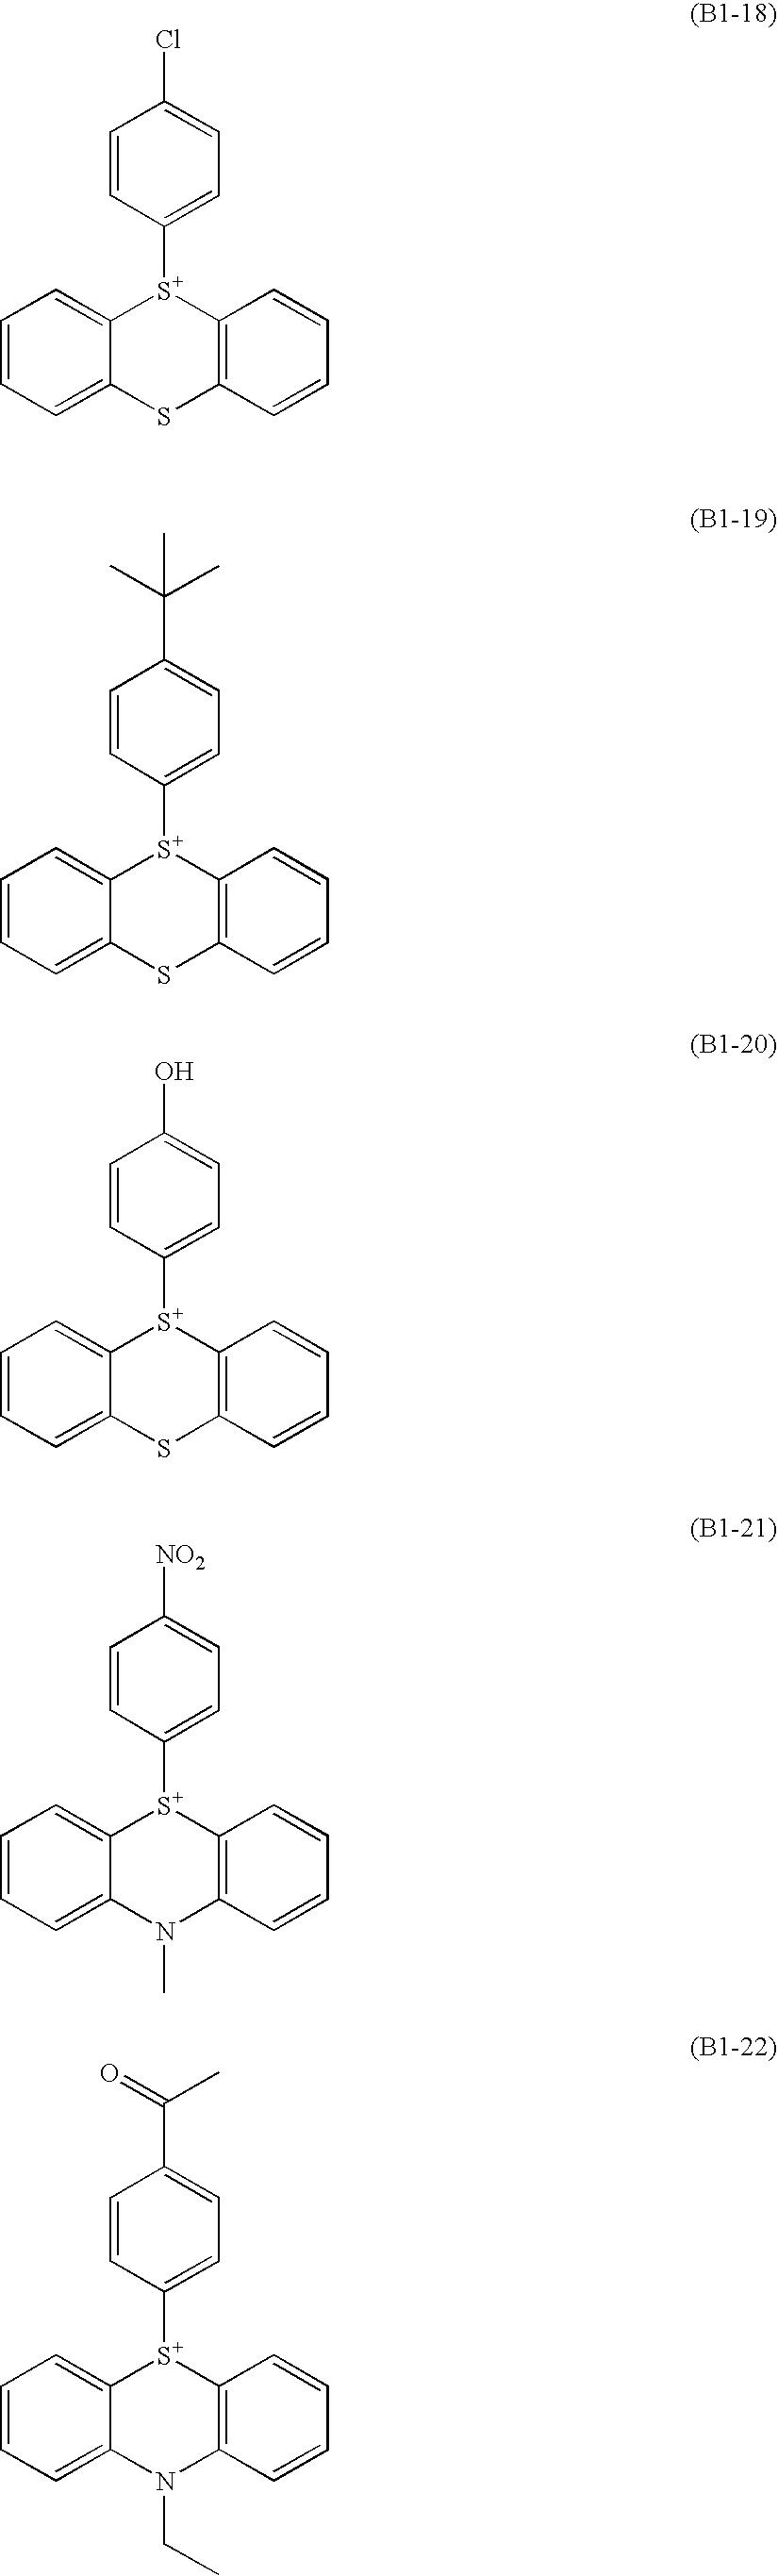 Figure US20100183975A1-20100722-C00013